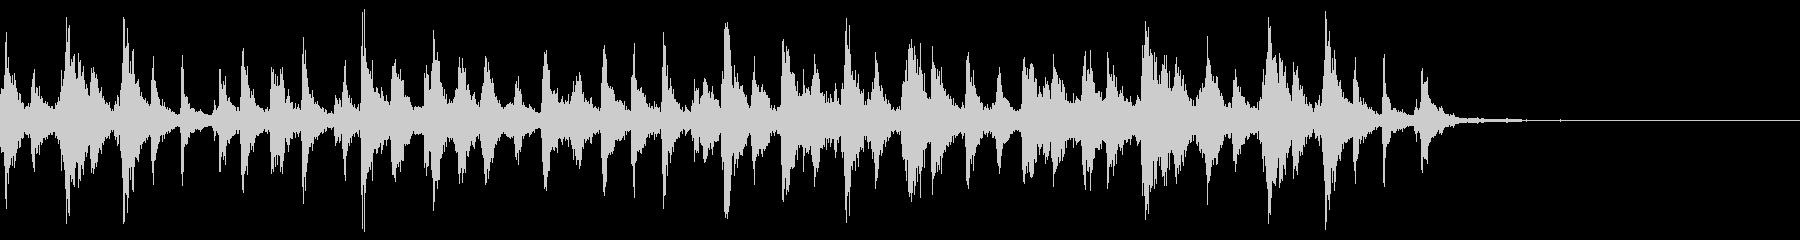 シャンシャンシャン クリスマスの鈴1の未再生の波形